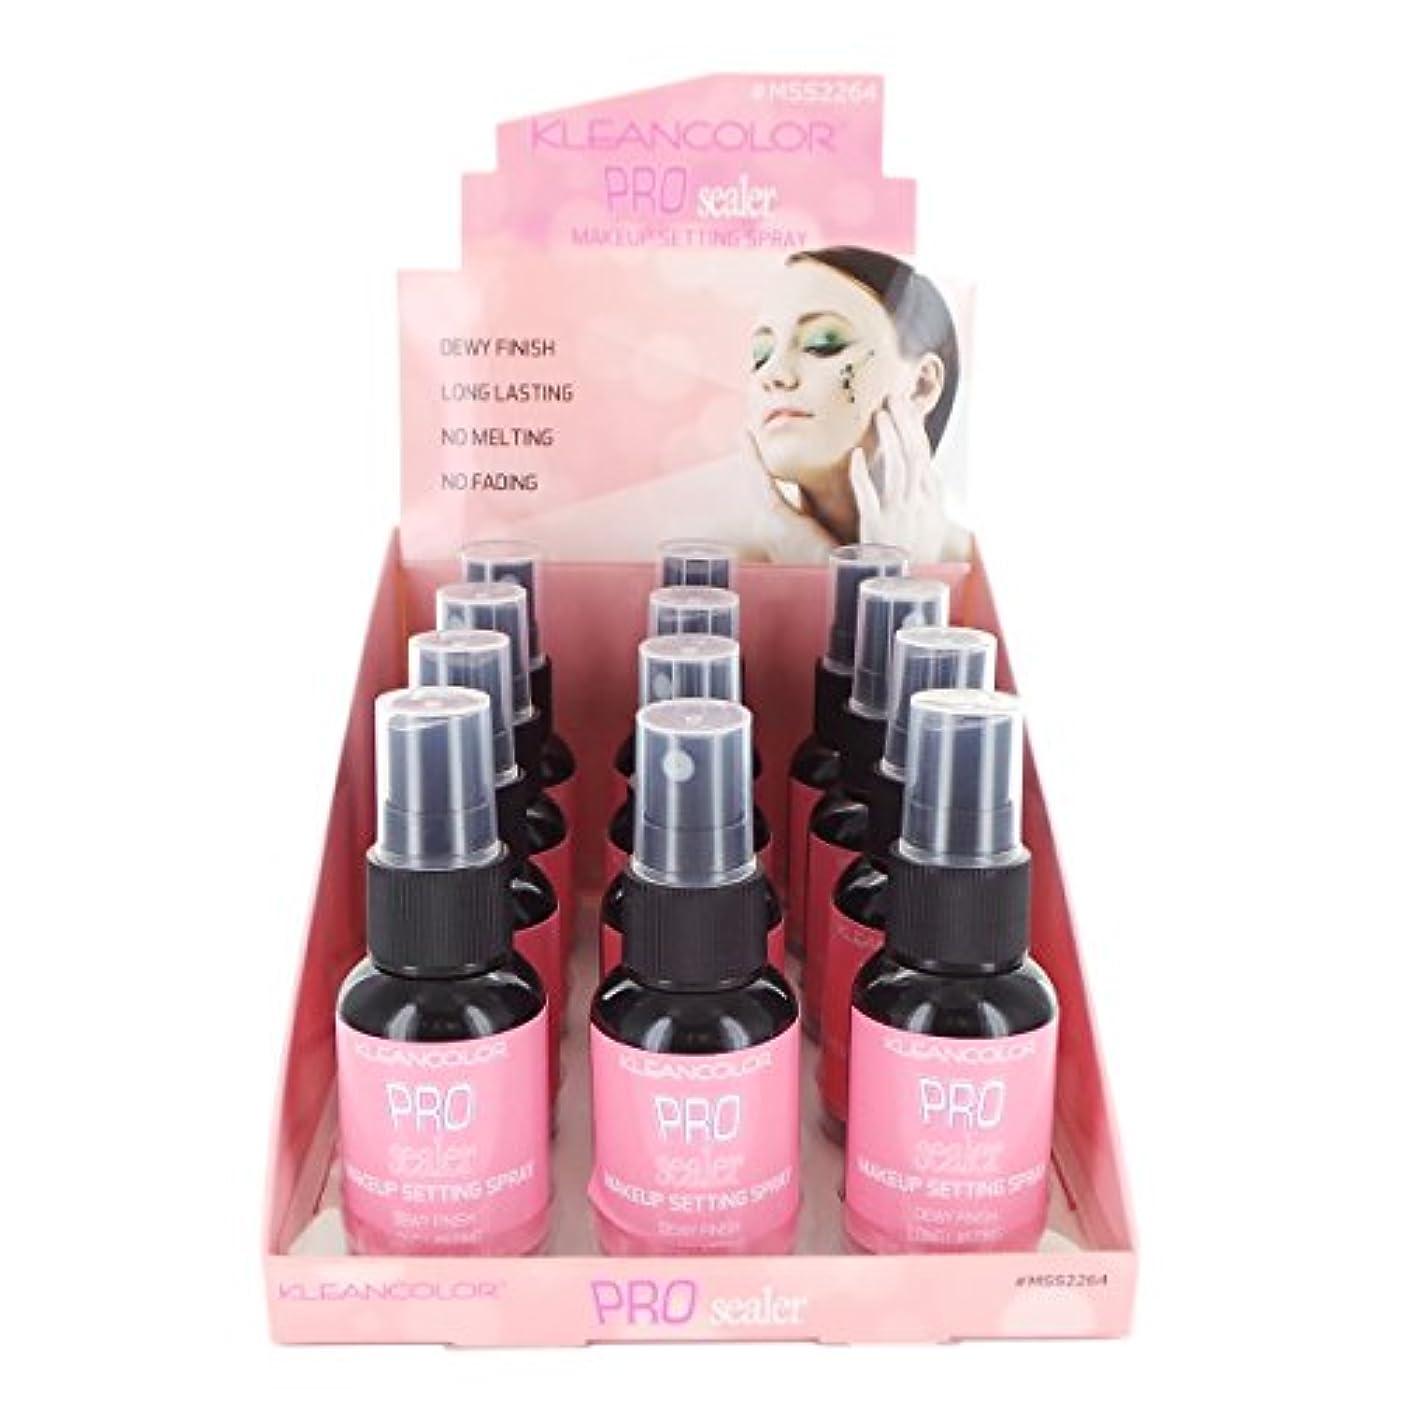 成り立つ縮れたヒューズKLEANCOLOR Pro Sealer Makeup Setting Spray Display Set, 12 Pieces (並行輸入品)